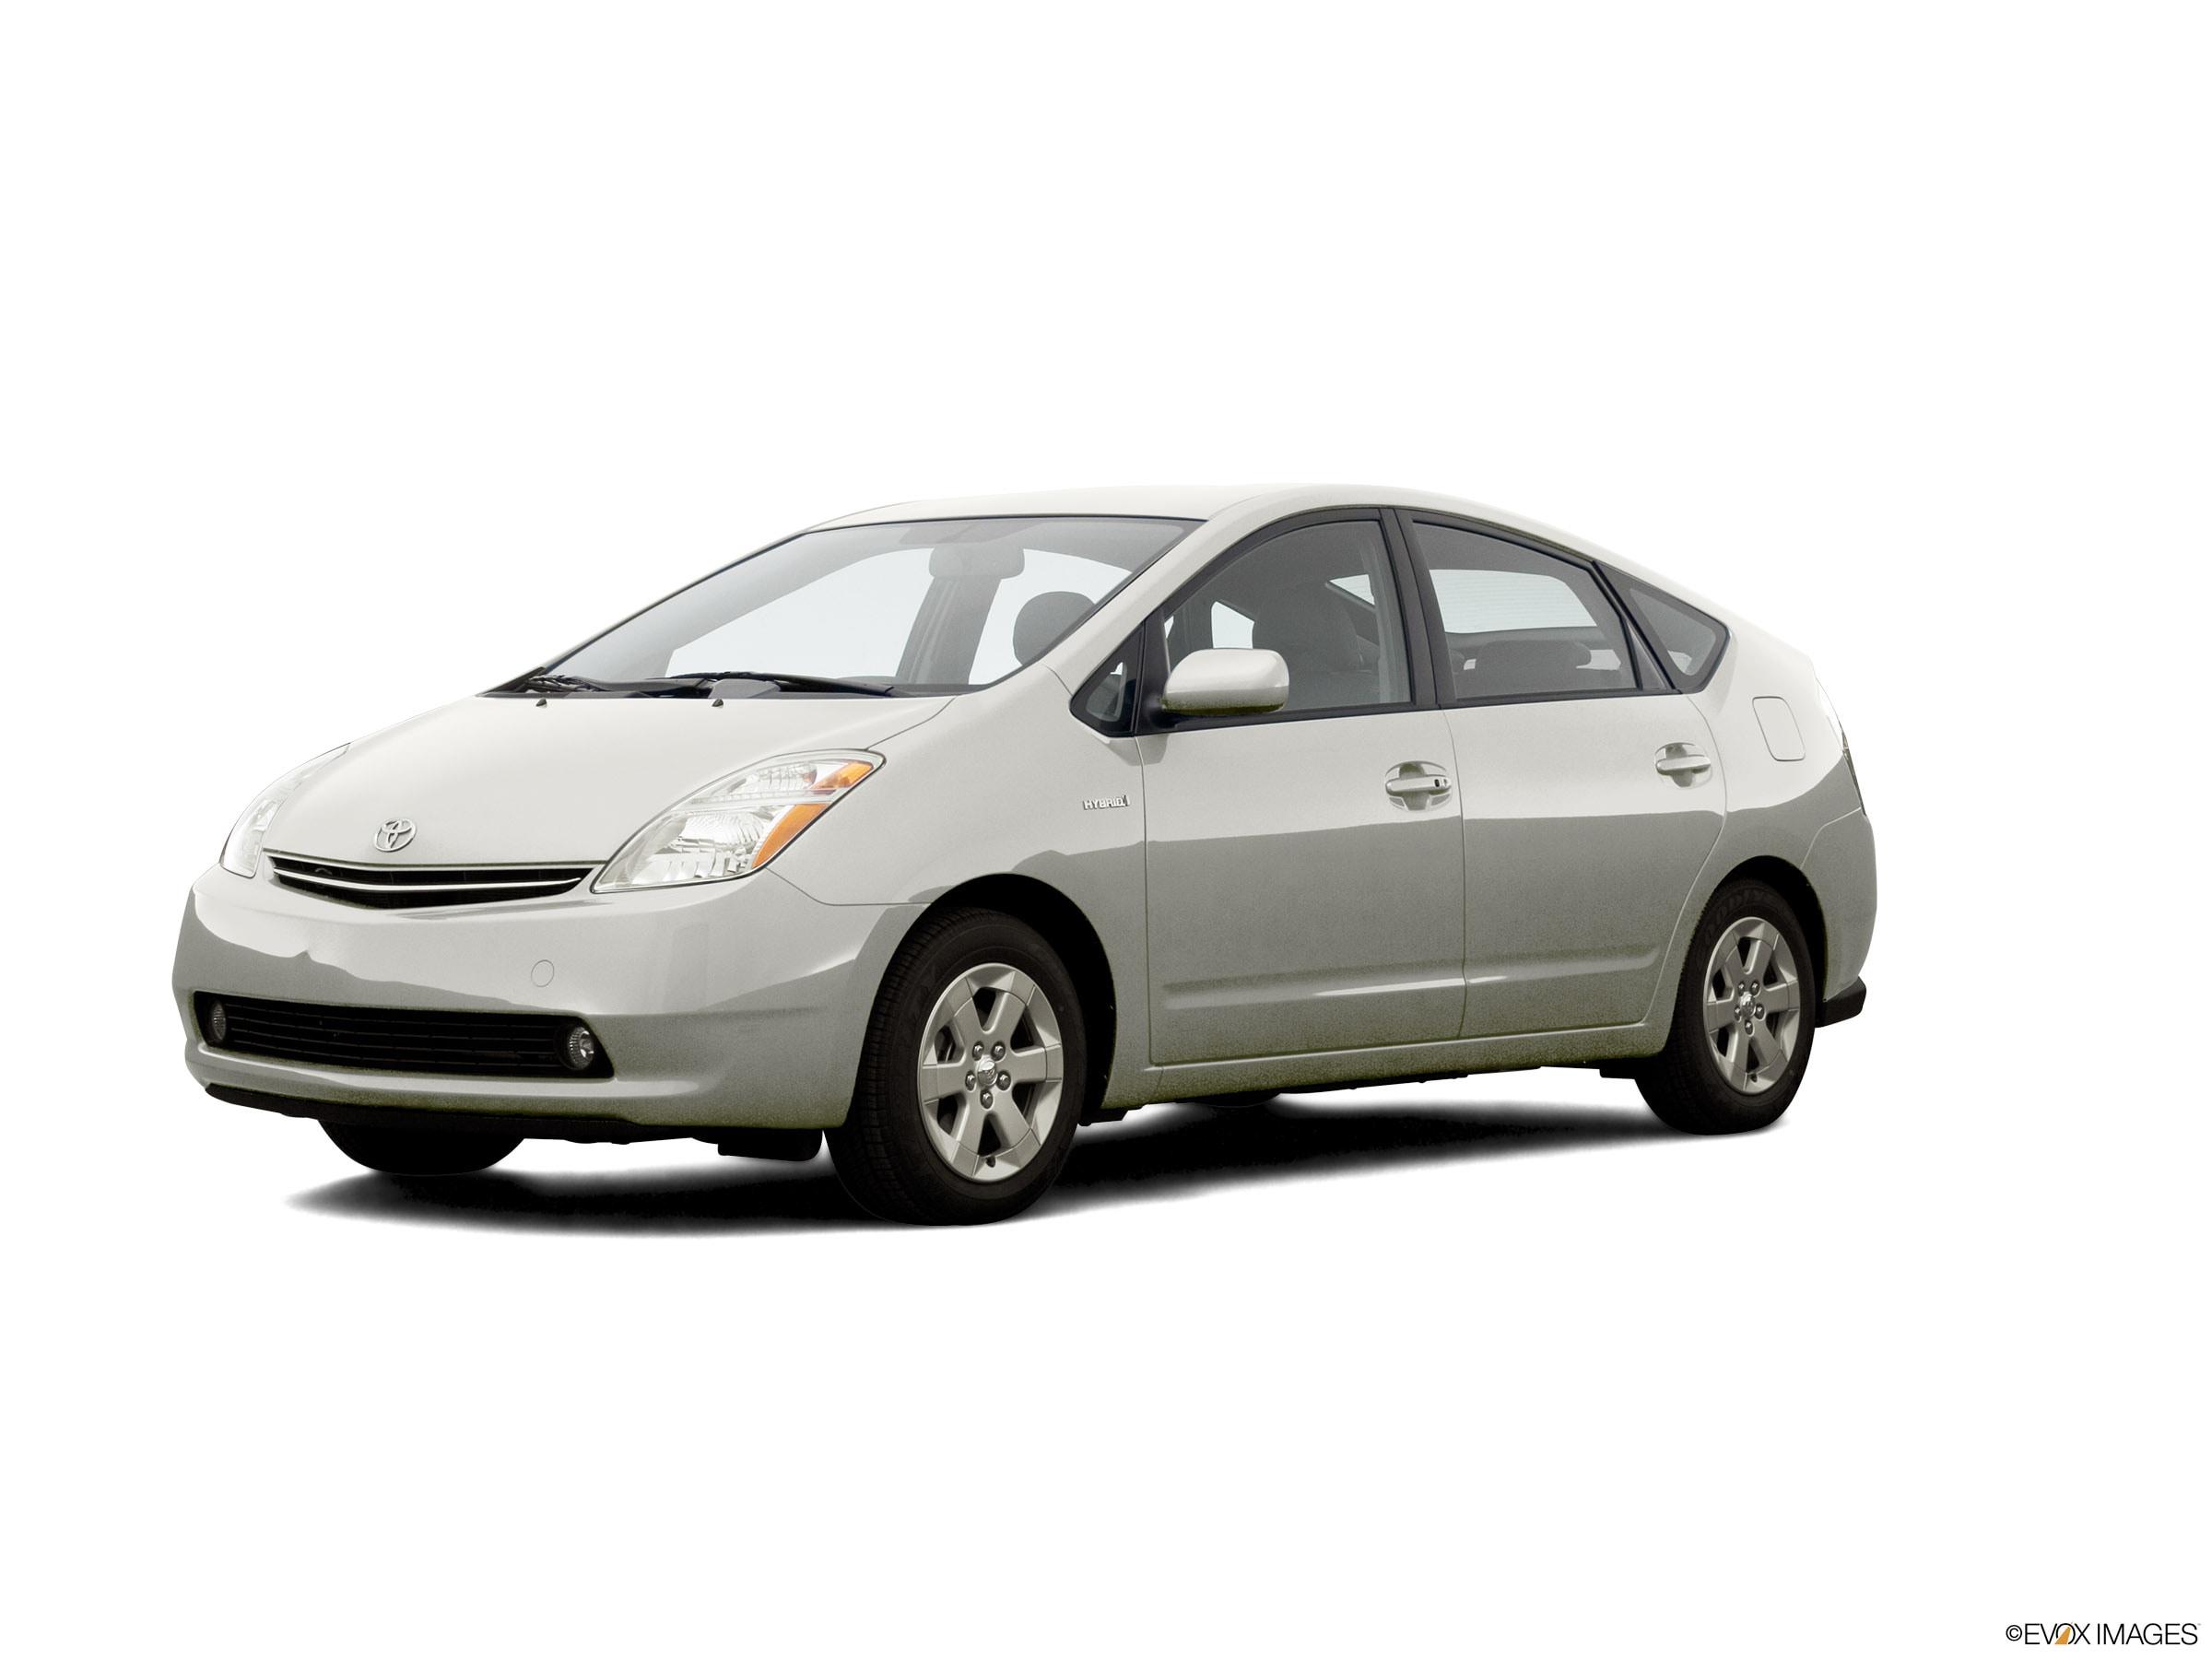 2007 Toyota Prius Sedan